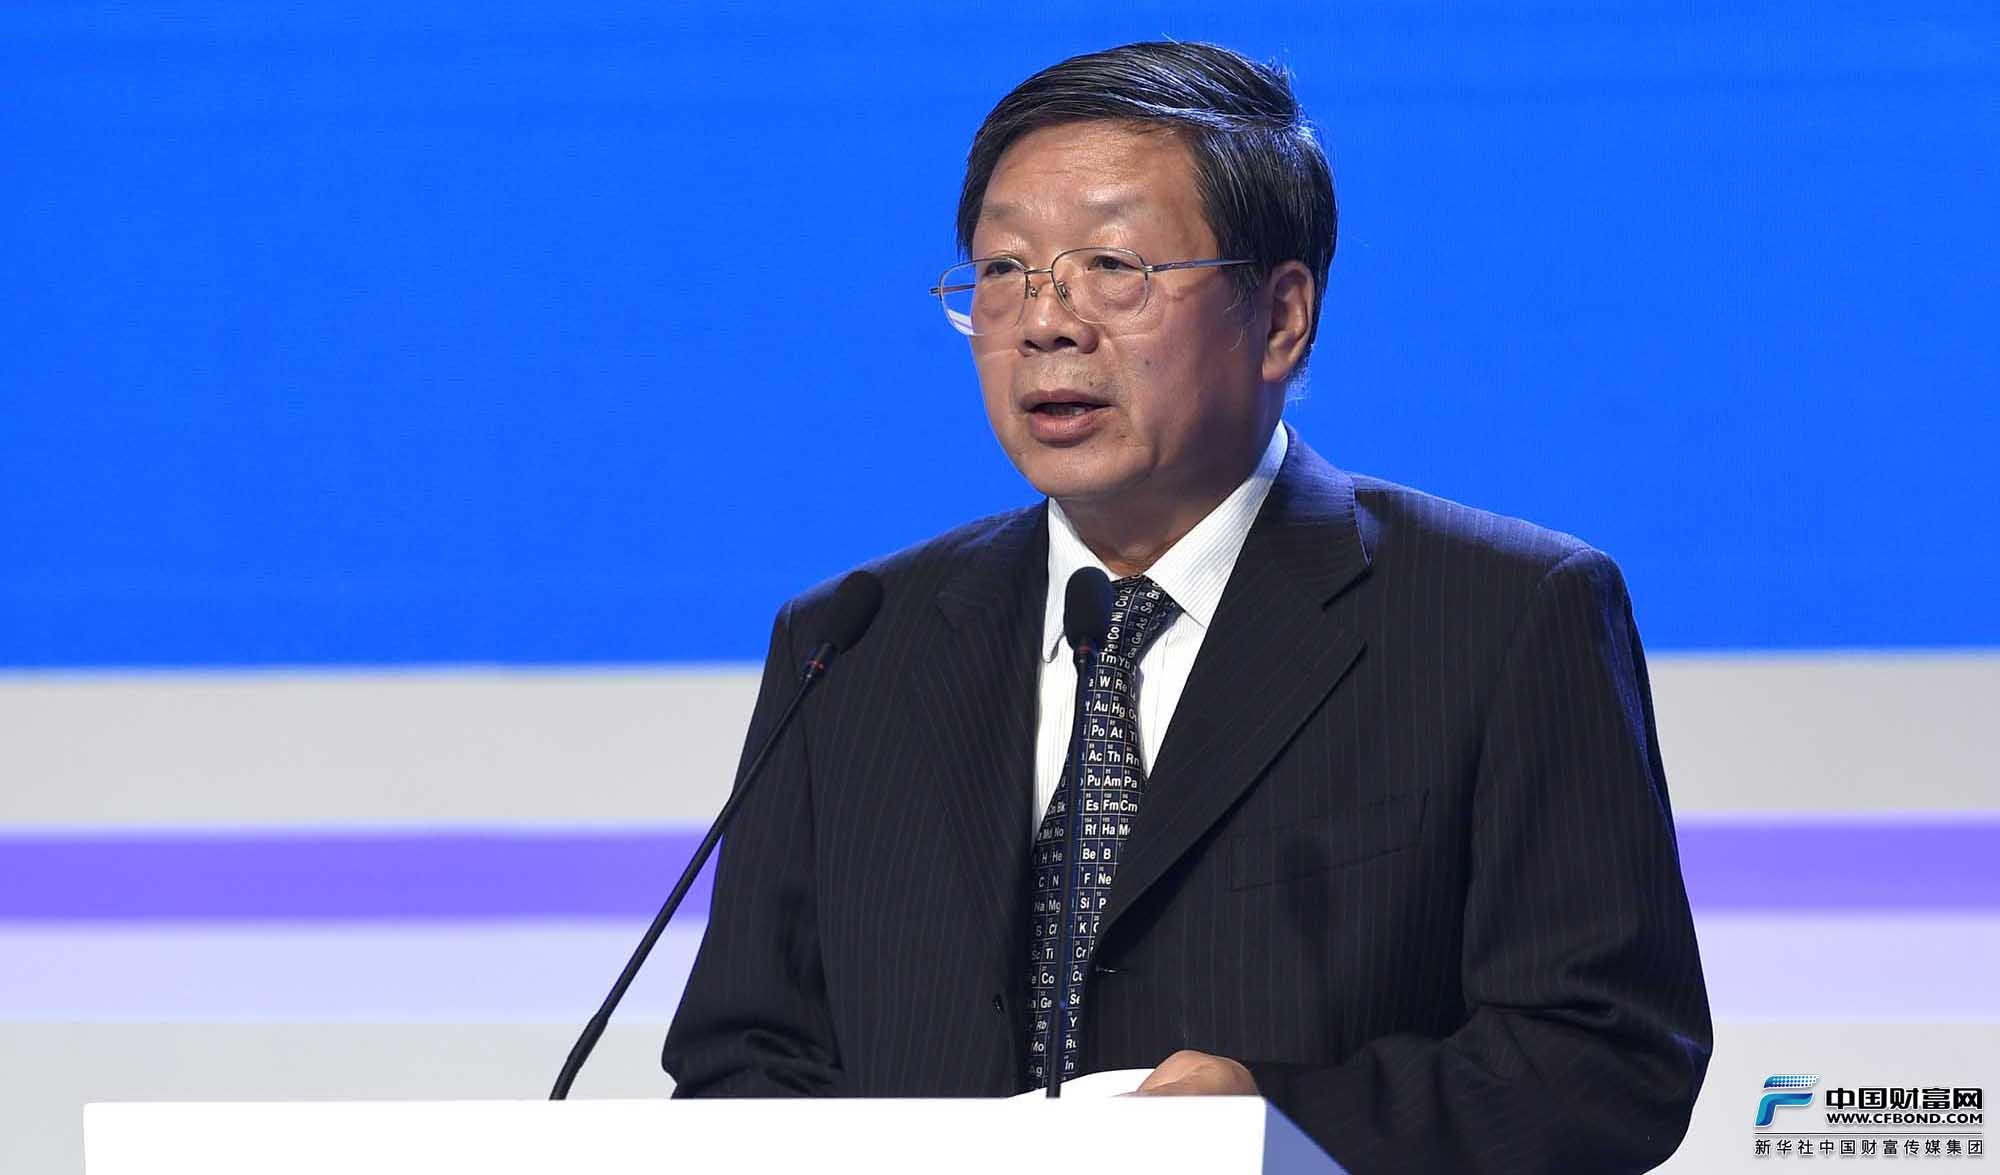 新华通讯社原副社长路建平致辞